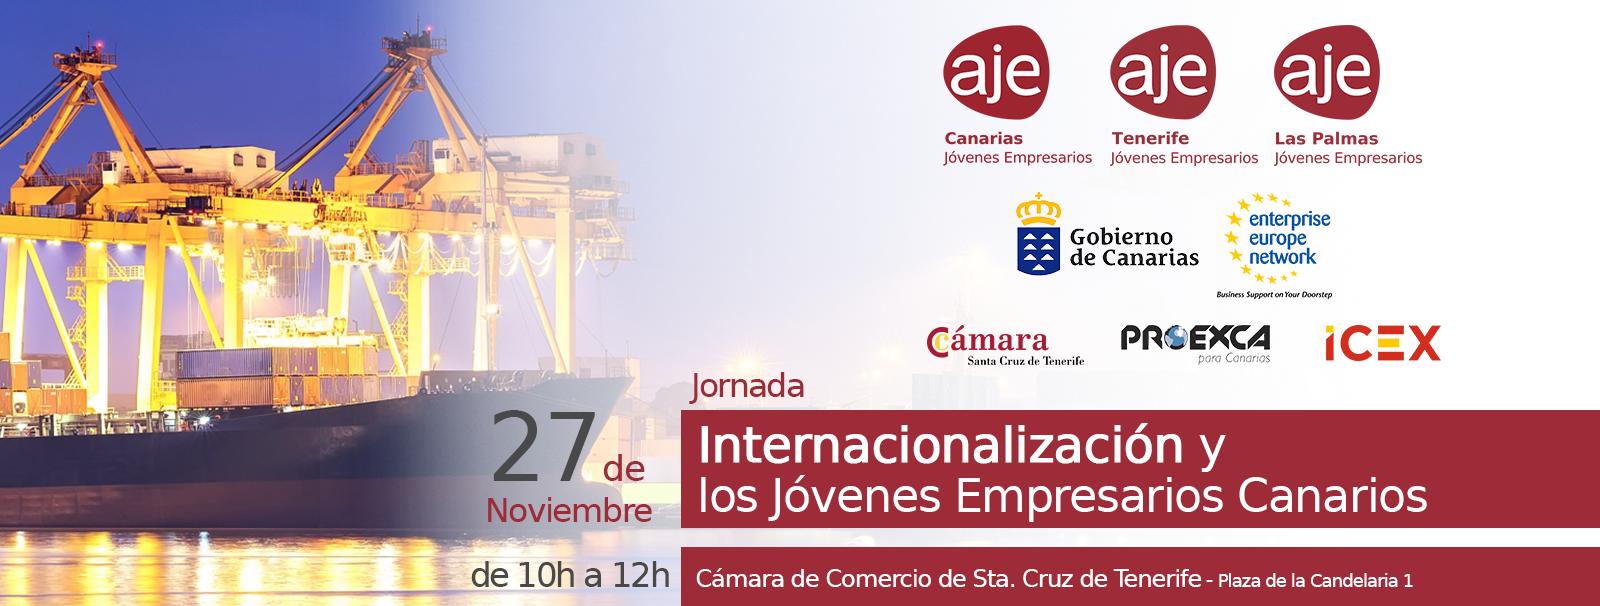 Internacionalización AJE Canarias